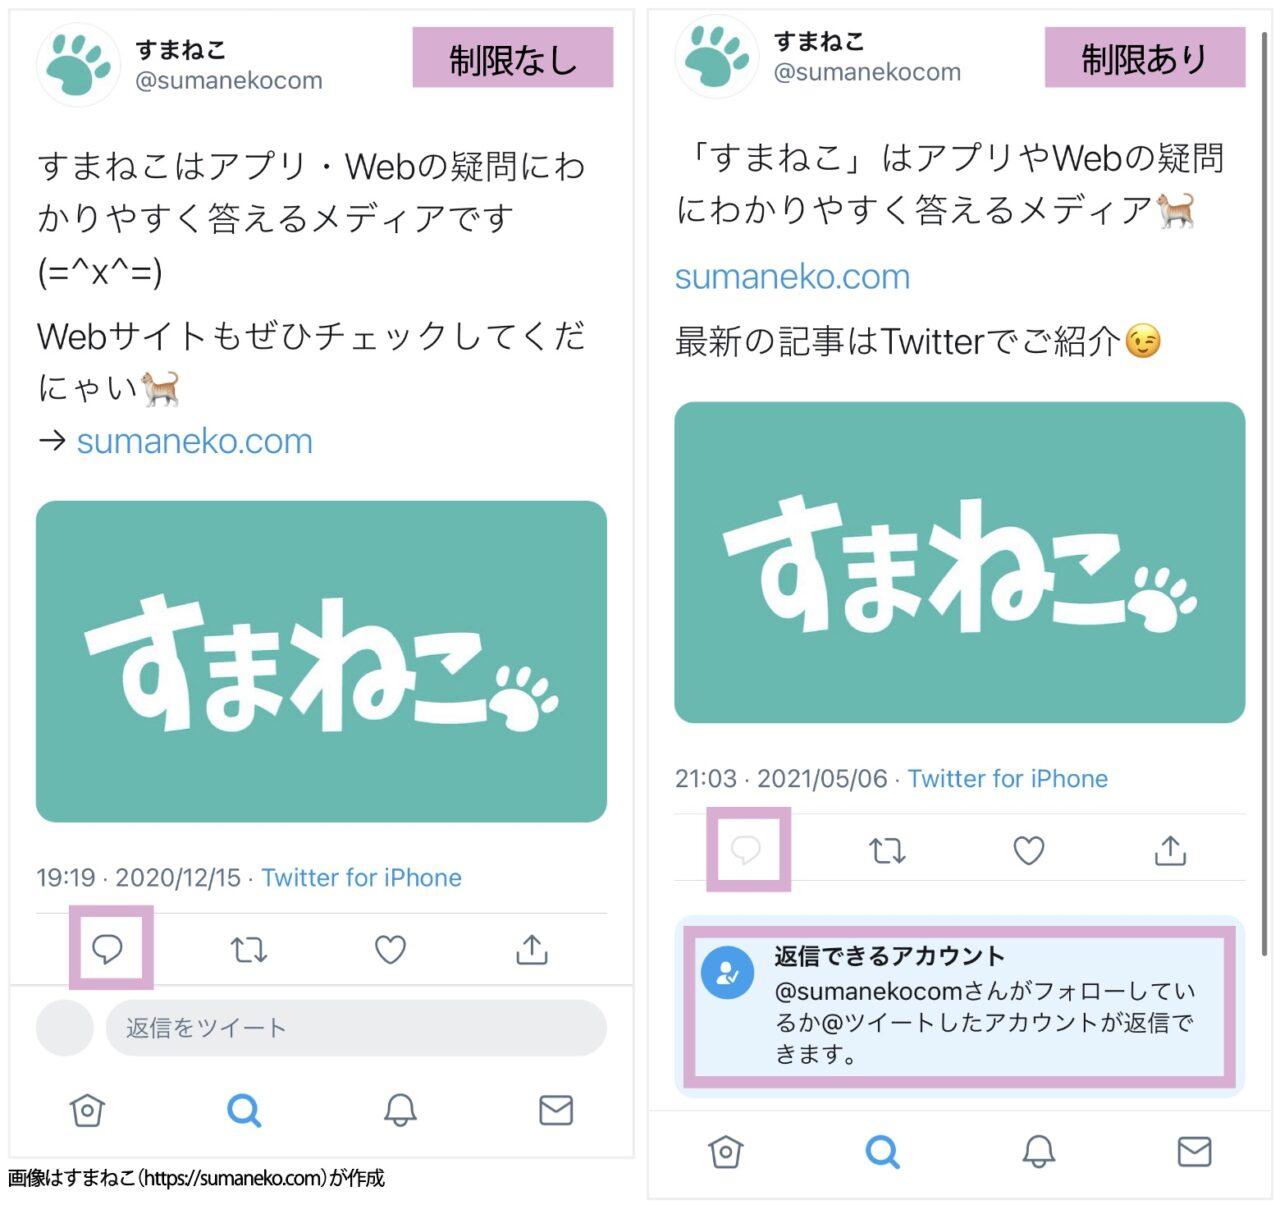 ツイートへのリプライが許可されている場合と制限されている場合の画面比較